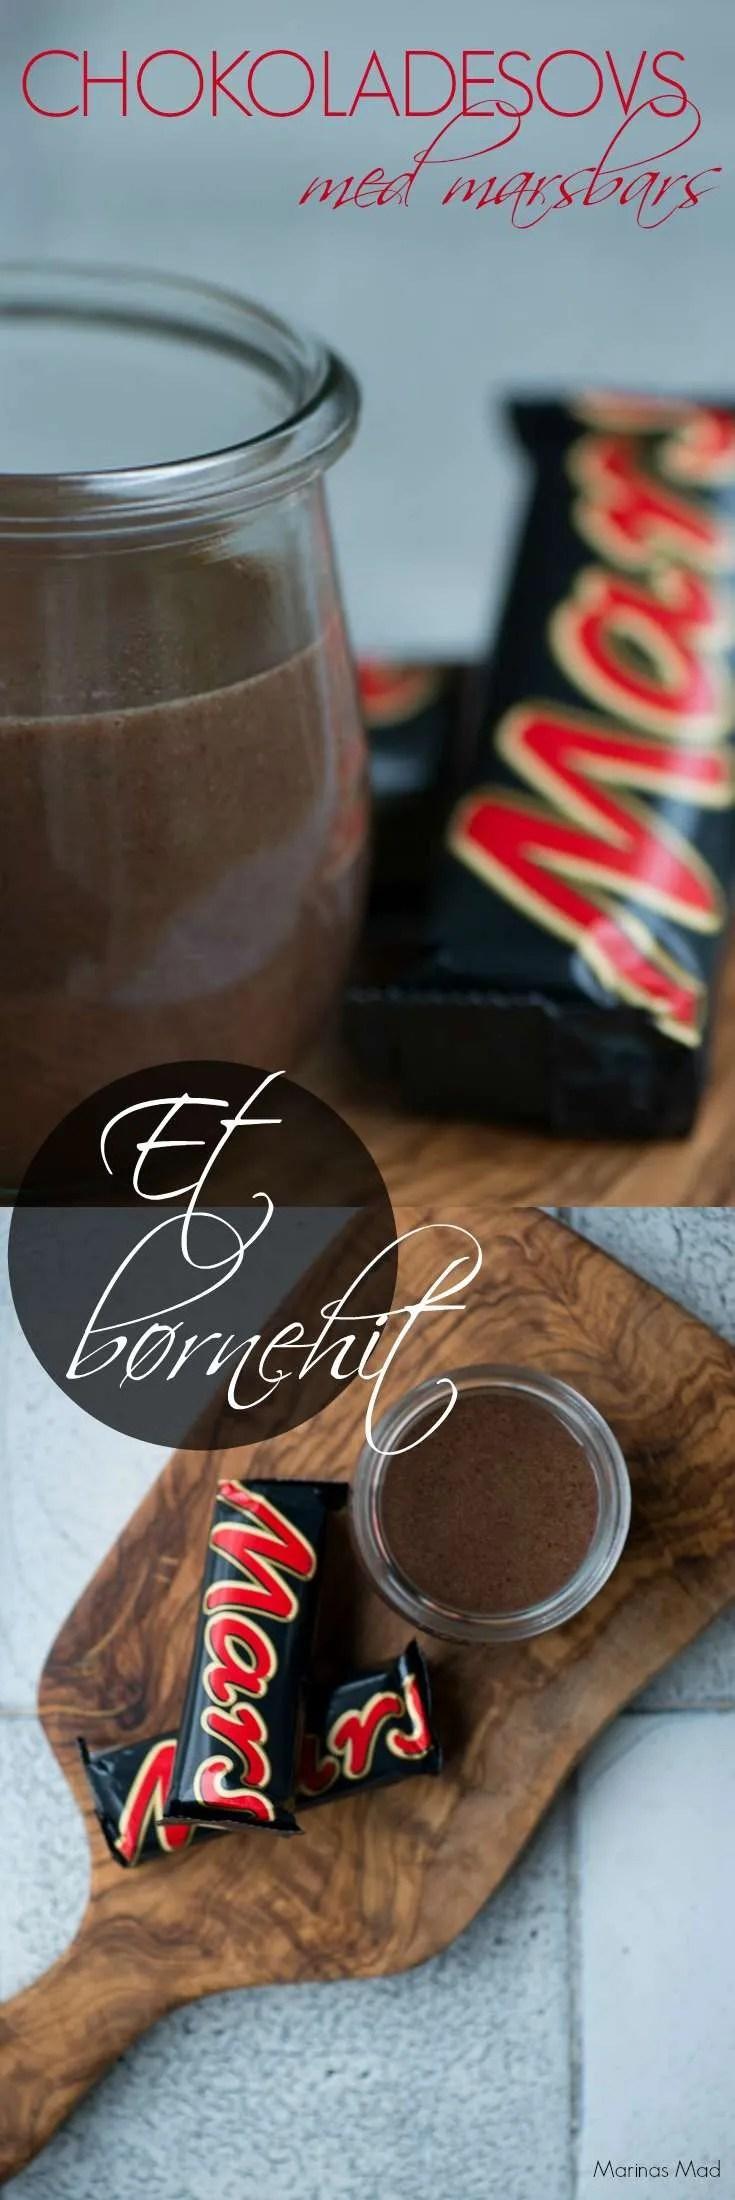 Det var i New York jeg lærte at lave chokoladesovs af marsbars, men jeg har aldrig set det i Danmark. Chokoladesovsen smager skønt og er nem at lave og jeg tør næsten garanterer at dine børn vil elske den. Smager dejligt både til is, pandekager og desserter. Opskrift fra Marinas Mad.